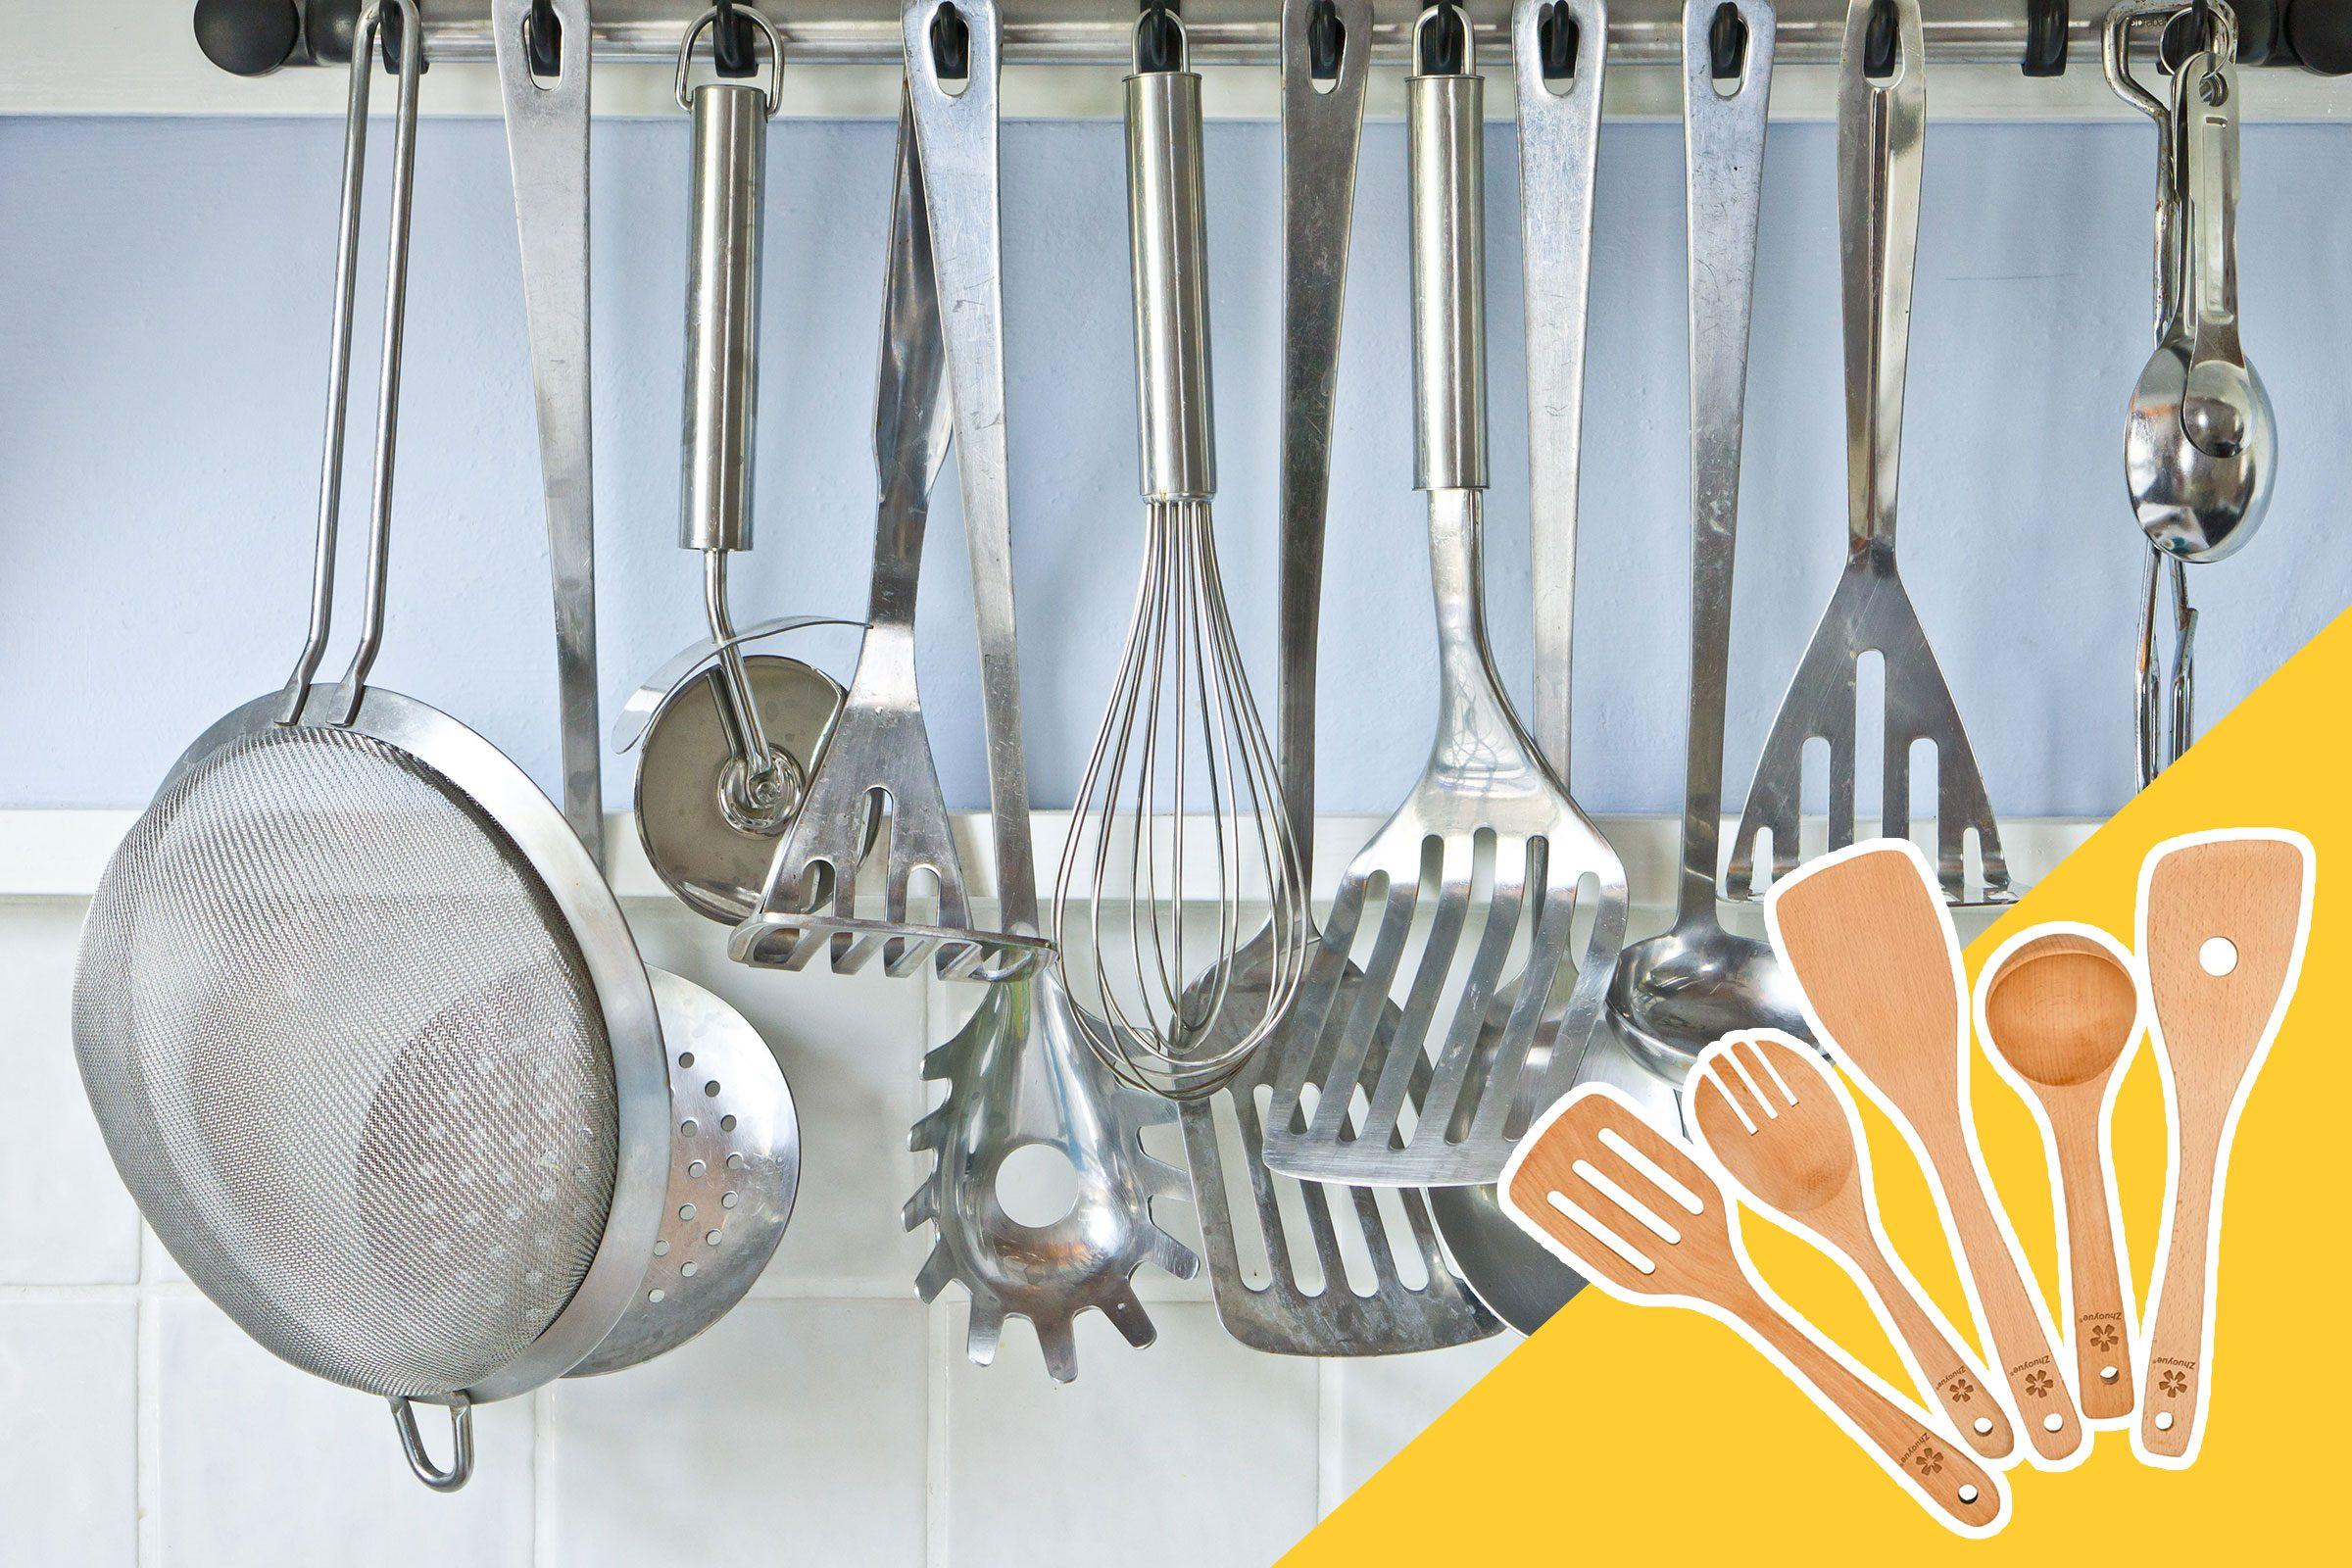 metal kitchen utensils with wooden kitchen utensils in inset